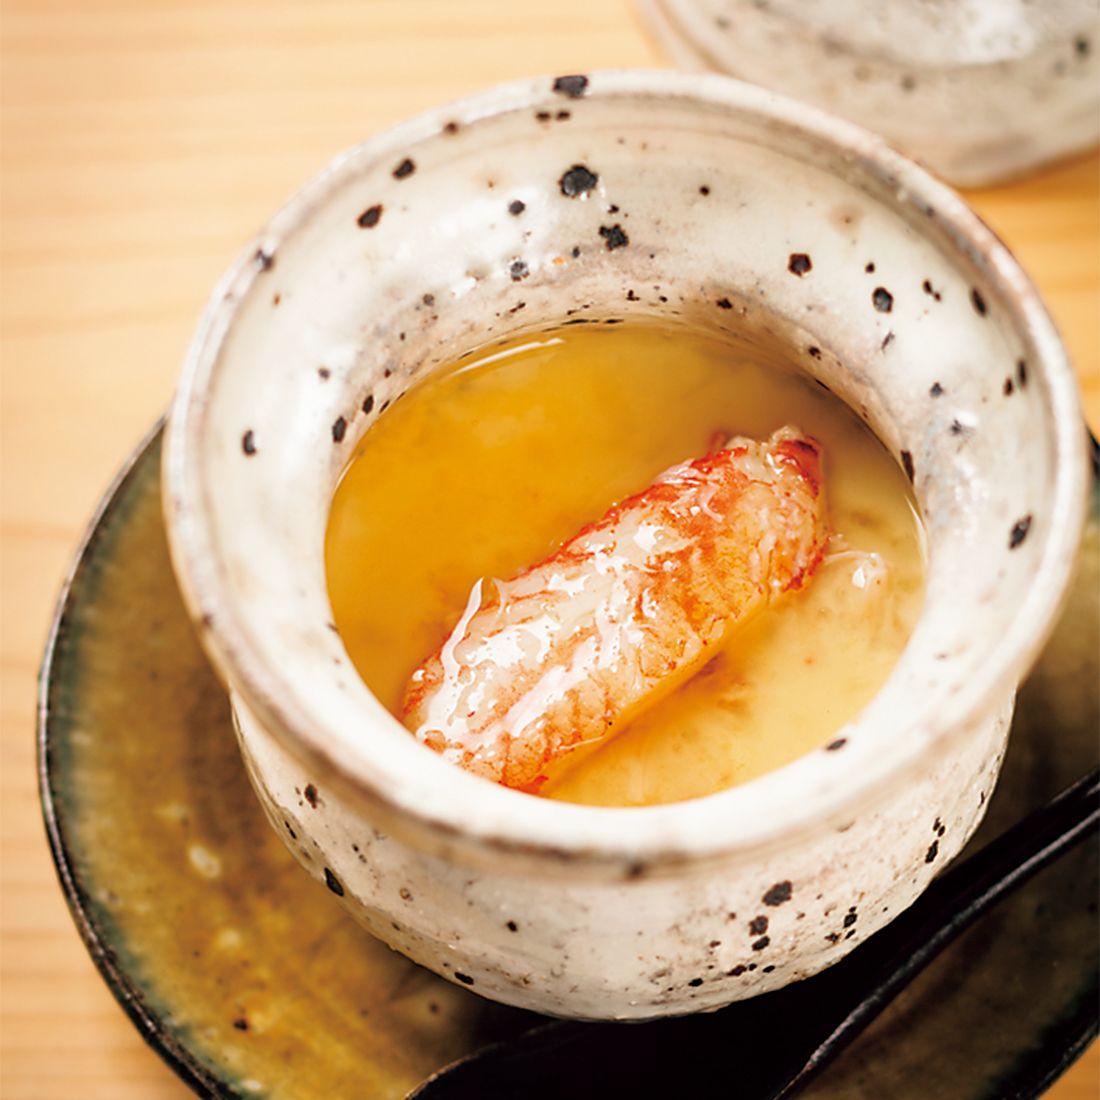 毛蟹のビスクを漉したエッセンスを卵白と合わせて茶碗蒸しに。